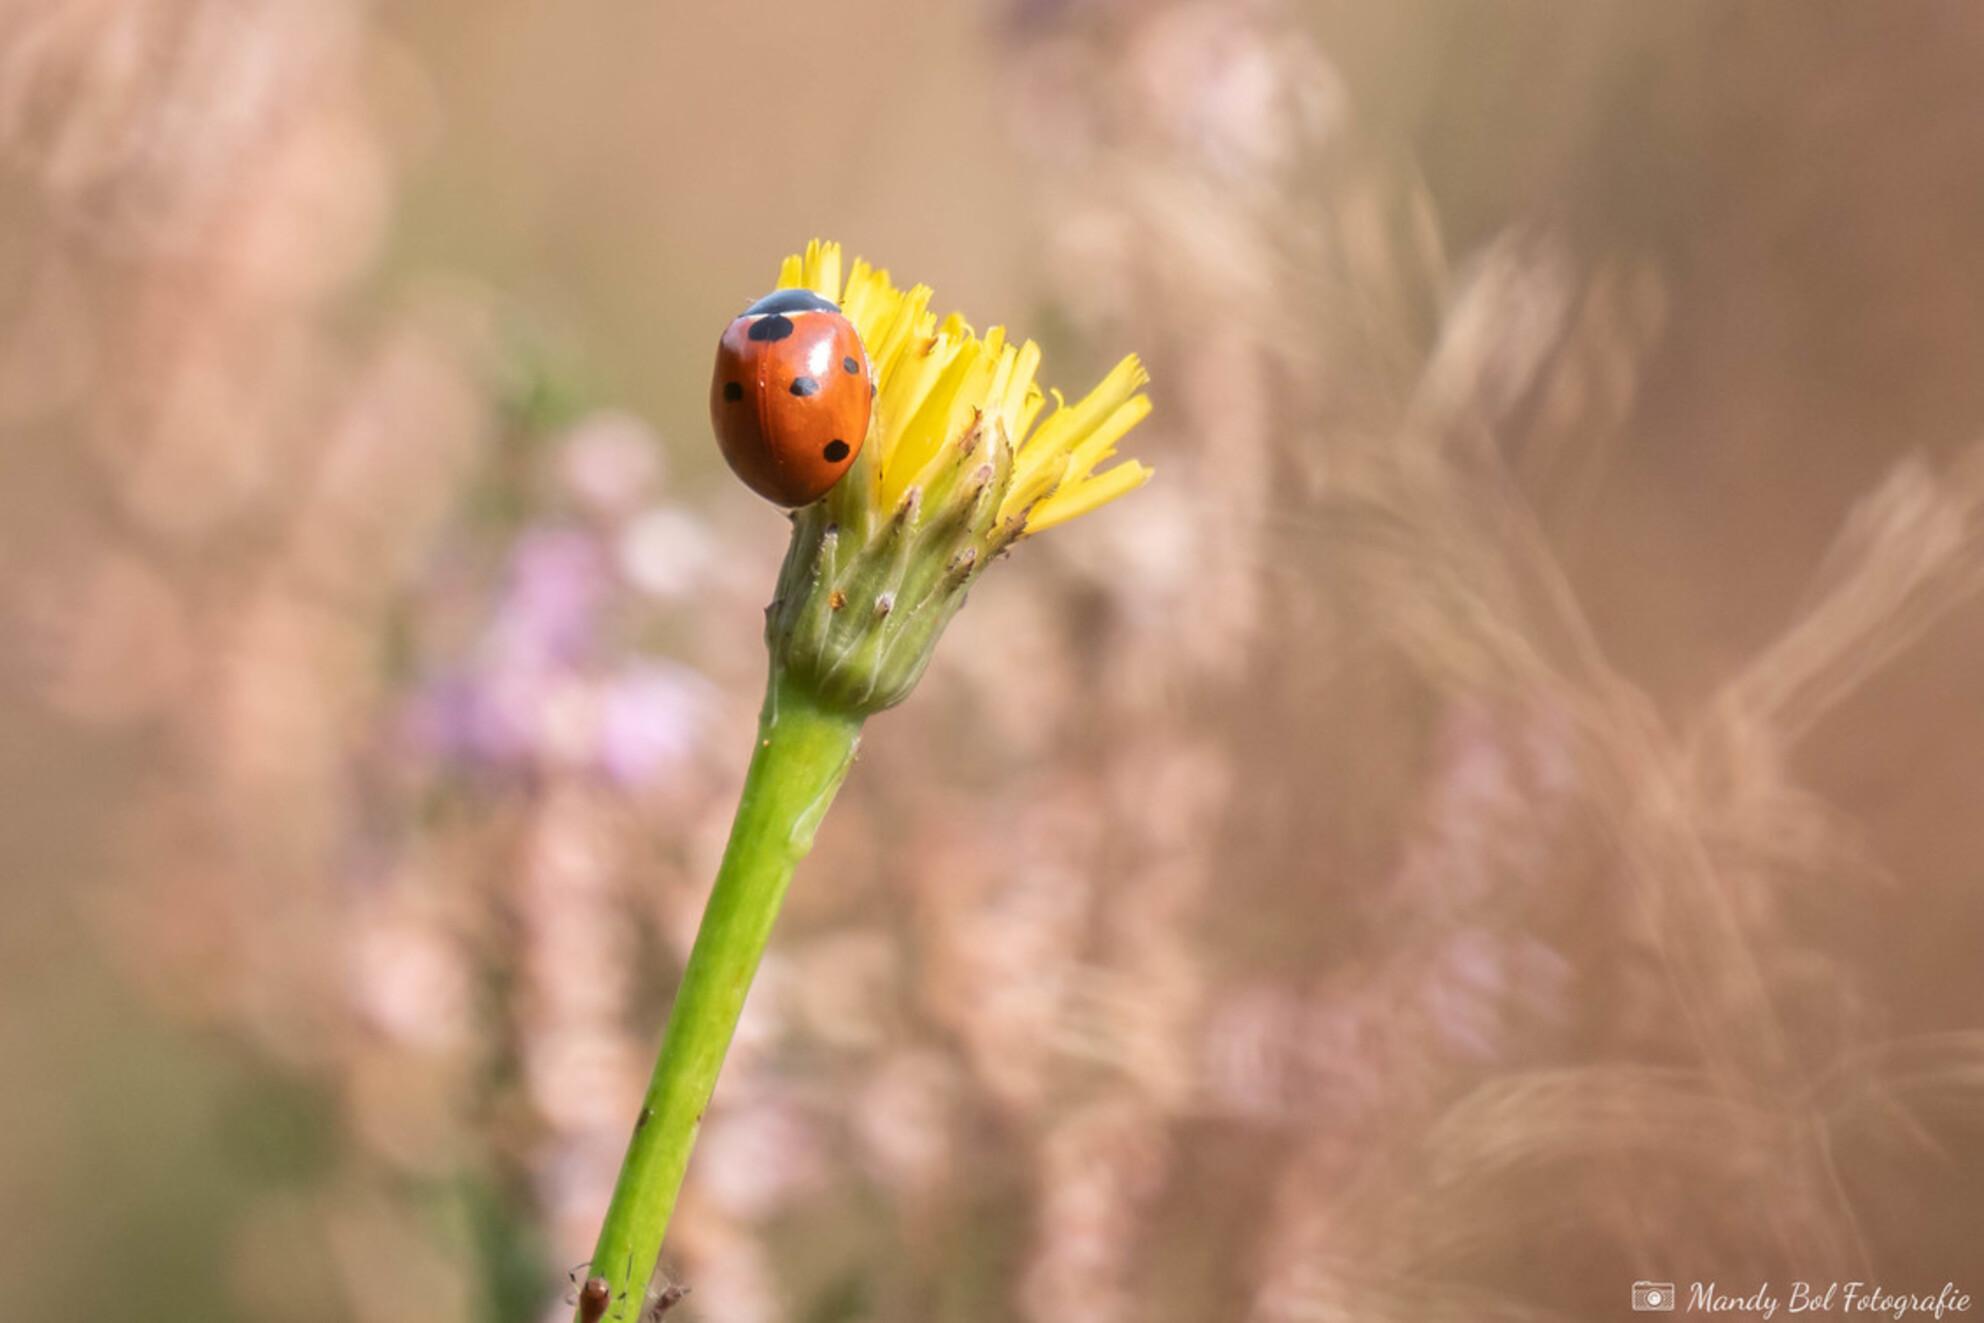 Welkom Lente - Het is nog maar februari, maar het voelt al als Lente! - foto door MandyBolFotografie op 24-02-2021 - deze foto bevat: macro, zon, bloem, natuur, lieveheersbeestje, geel, licht, tuin, bokeh - Deze foto mag gebruikt worden in een Zoom.nl publicatie